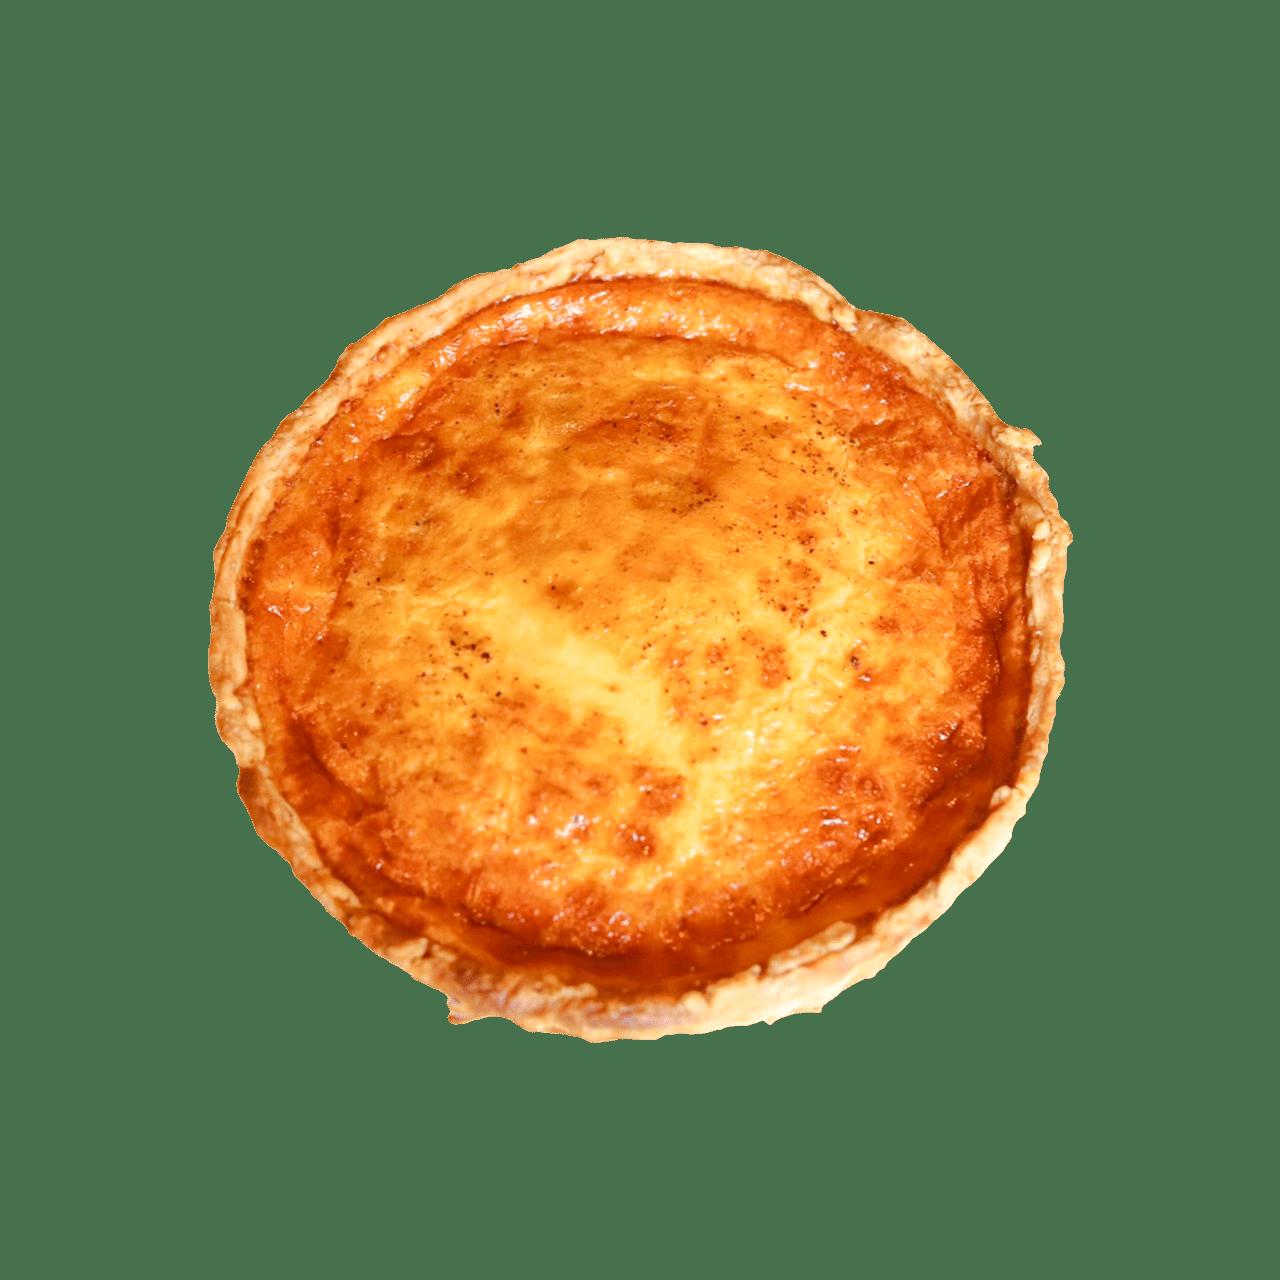 ブルーチーズ香る濃厚チーズのキッシュ【直径18cm】